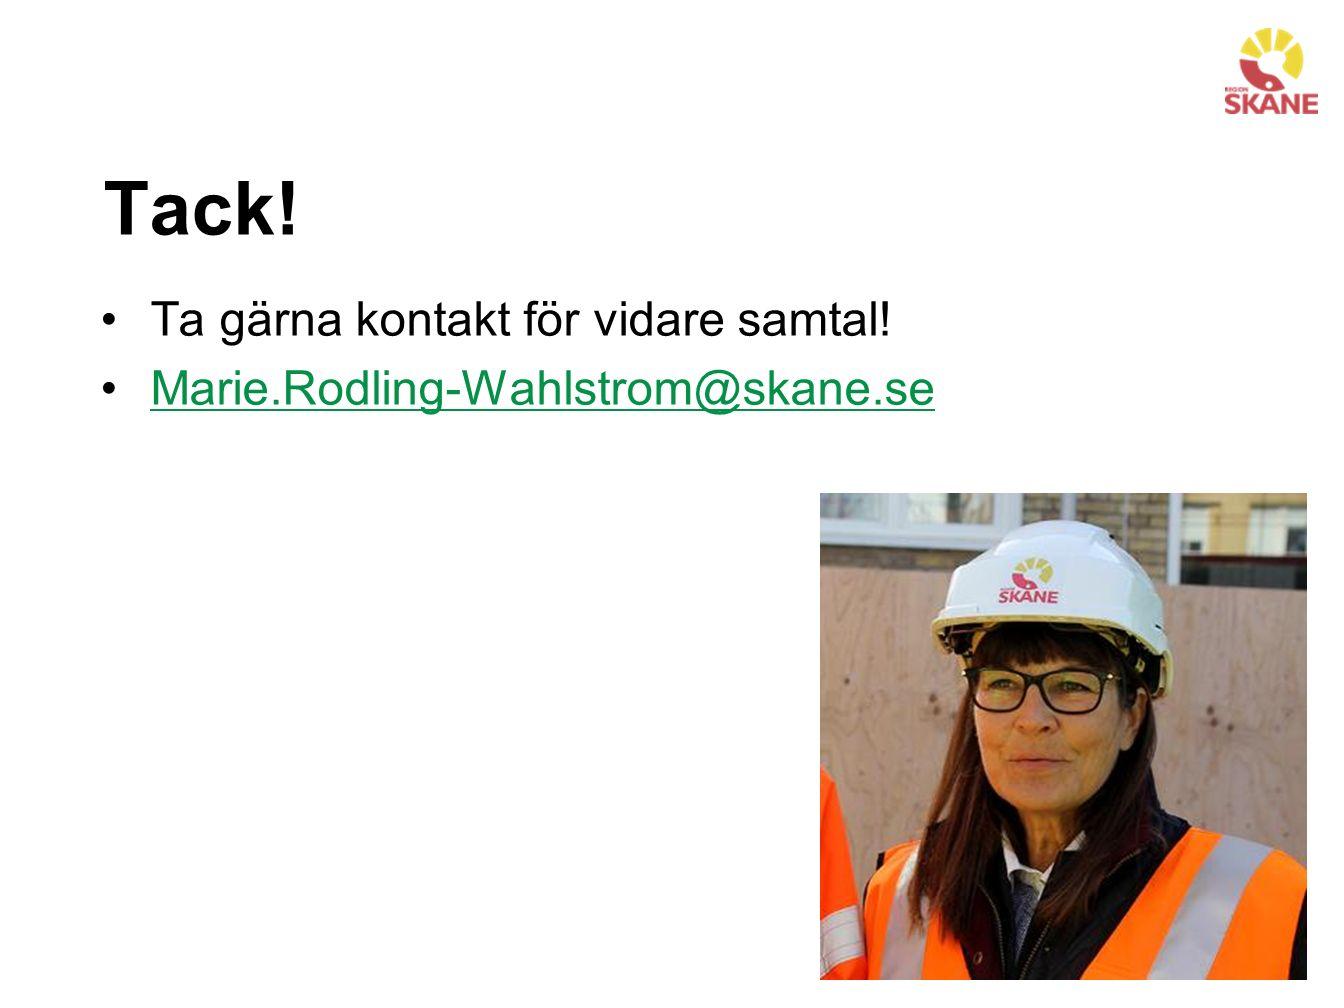 Tack! Ta gärna kontakt för vidare samtal! Marie.Rodling-Wahlstrom@skane.se